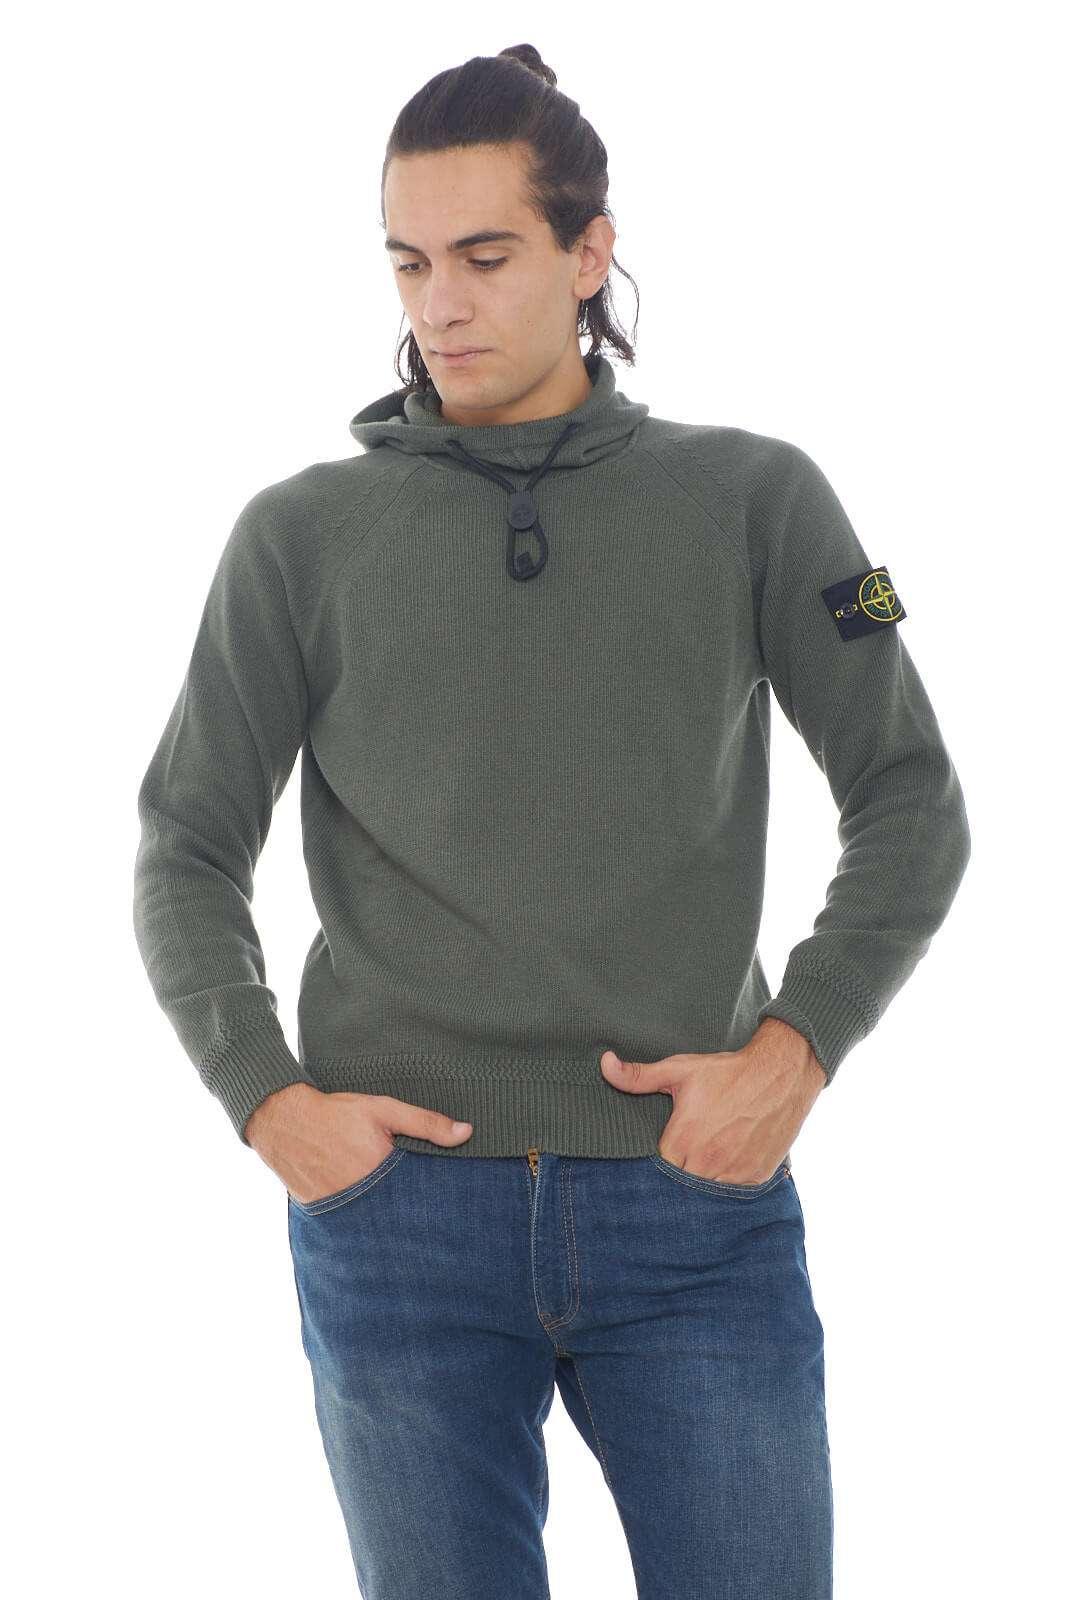 La nuova maglia Stone Island con cappuccio e collo alto conquista anche l'uomo più esigente. Il tessuto in misto lana dona confort anche nelle fredde giornate invernali. Da abbinare con jeans o con pantaloni di ogni stile è un capo passe partout.